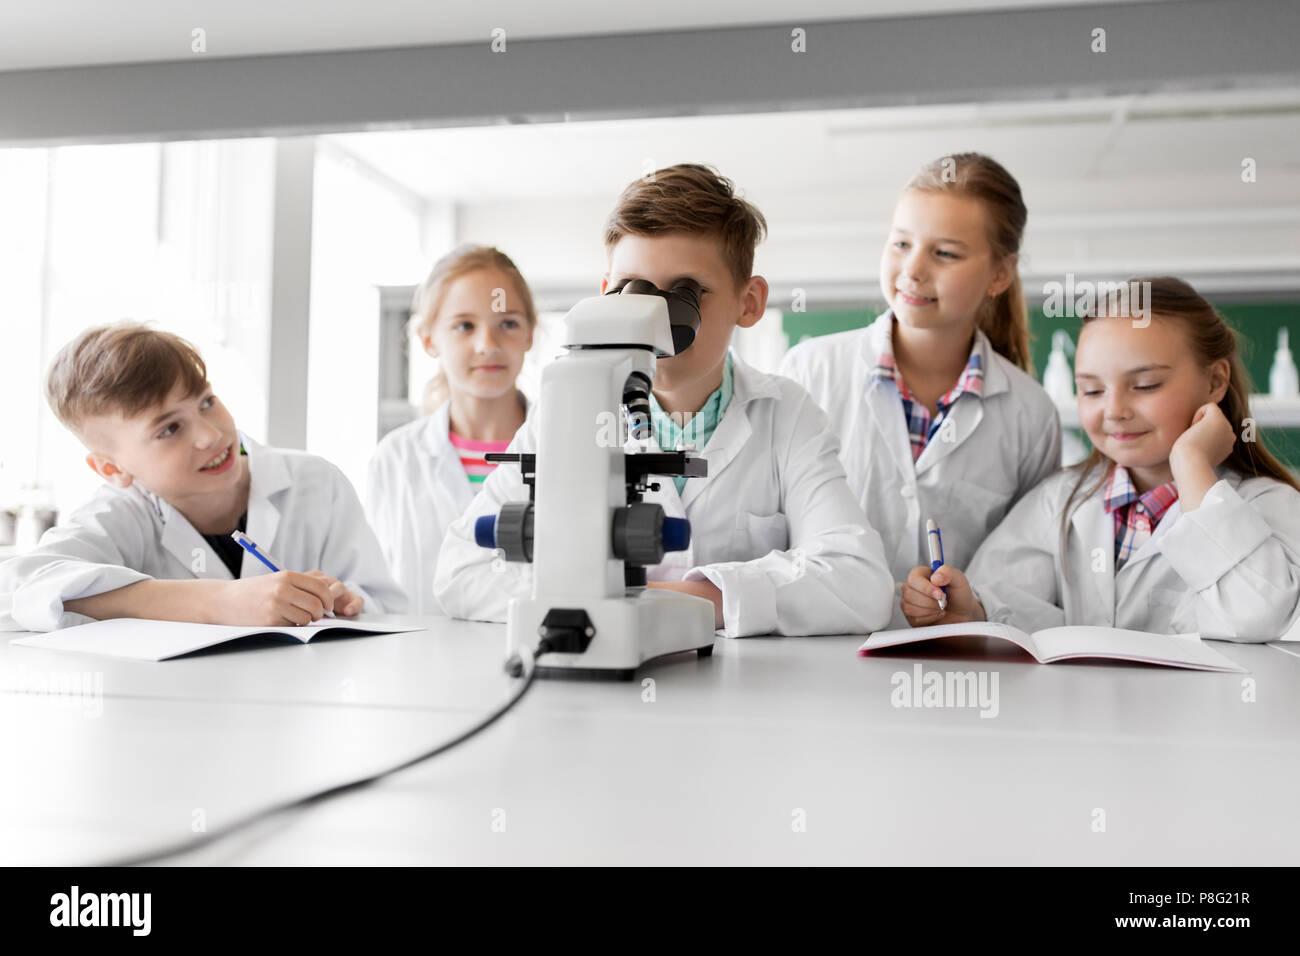 Kinder schüler oder studenten mit mikroskop biologie in der schule